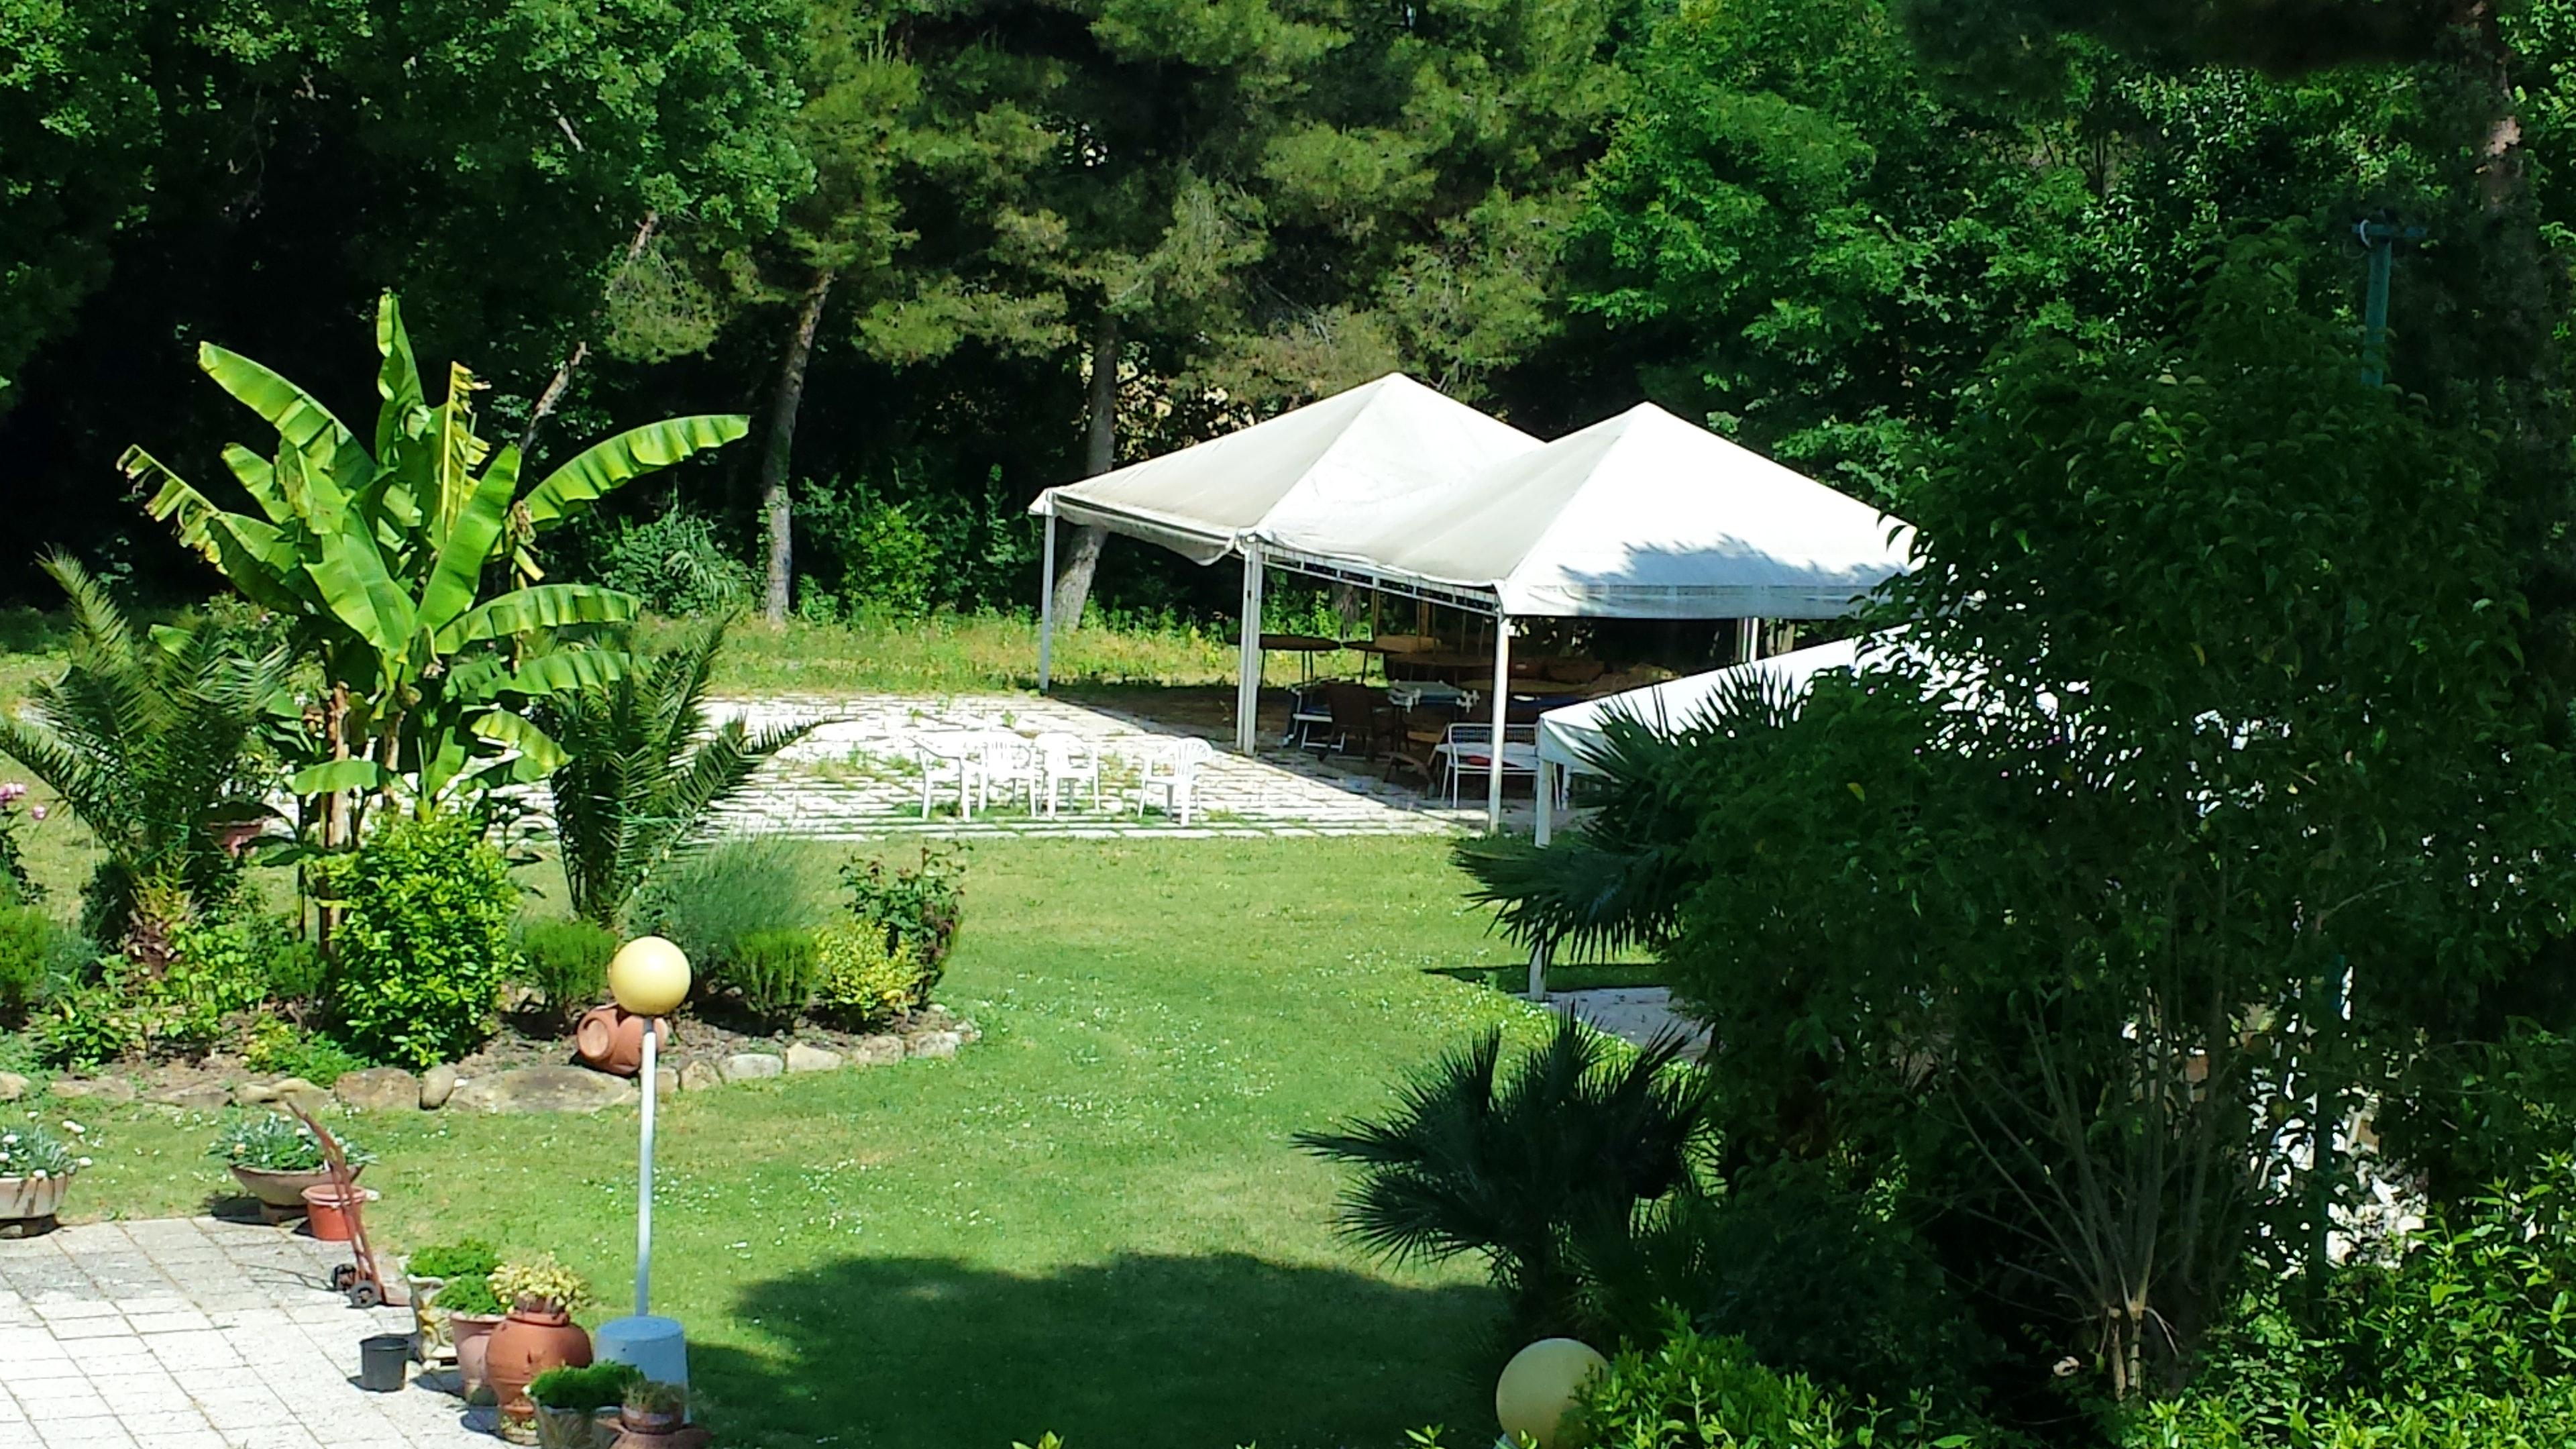 Ferienwohnung Wohnung mit 3 Schlafzimmern in Pesaro mit Pool, eingezäuntem Garten und W-LAN - 4 km vom S (2339355), Pesaro, Pesaro und Urbino, Marken, Italien, Bild 19